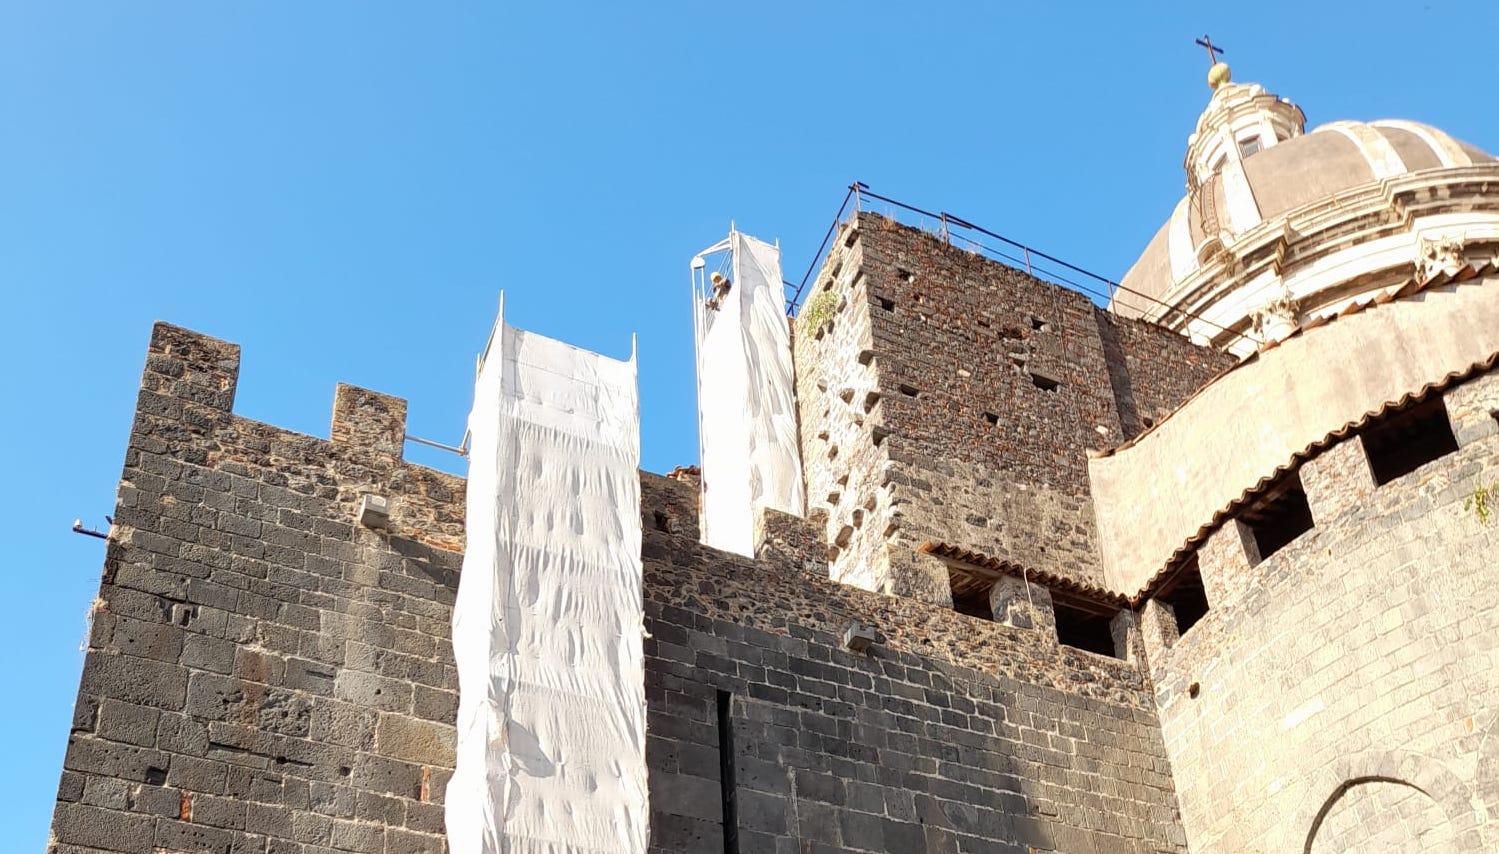 Cattedrale di Sant'Agata, autorizzati lavori di ripristino: 90mila euro dal Governo Musumeci per gli interventi – FOTO